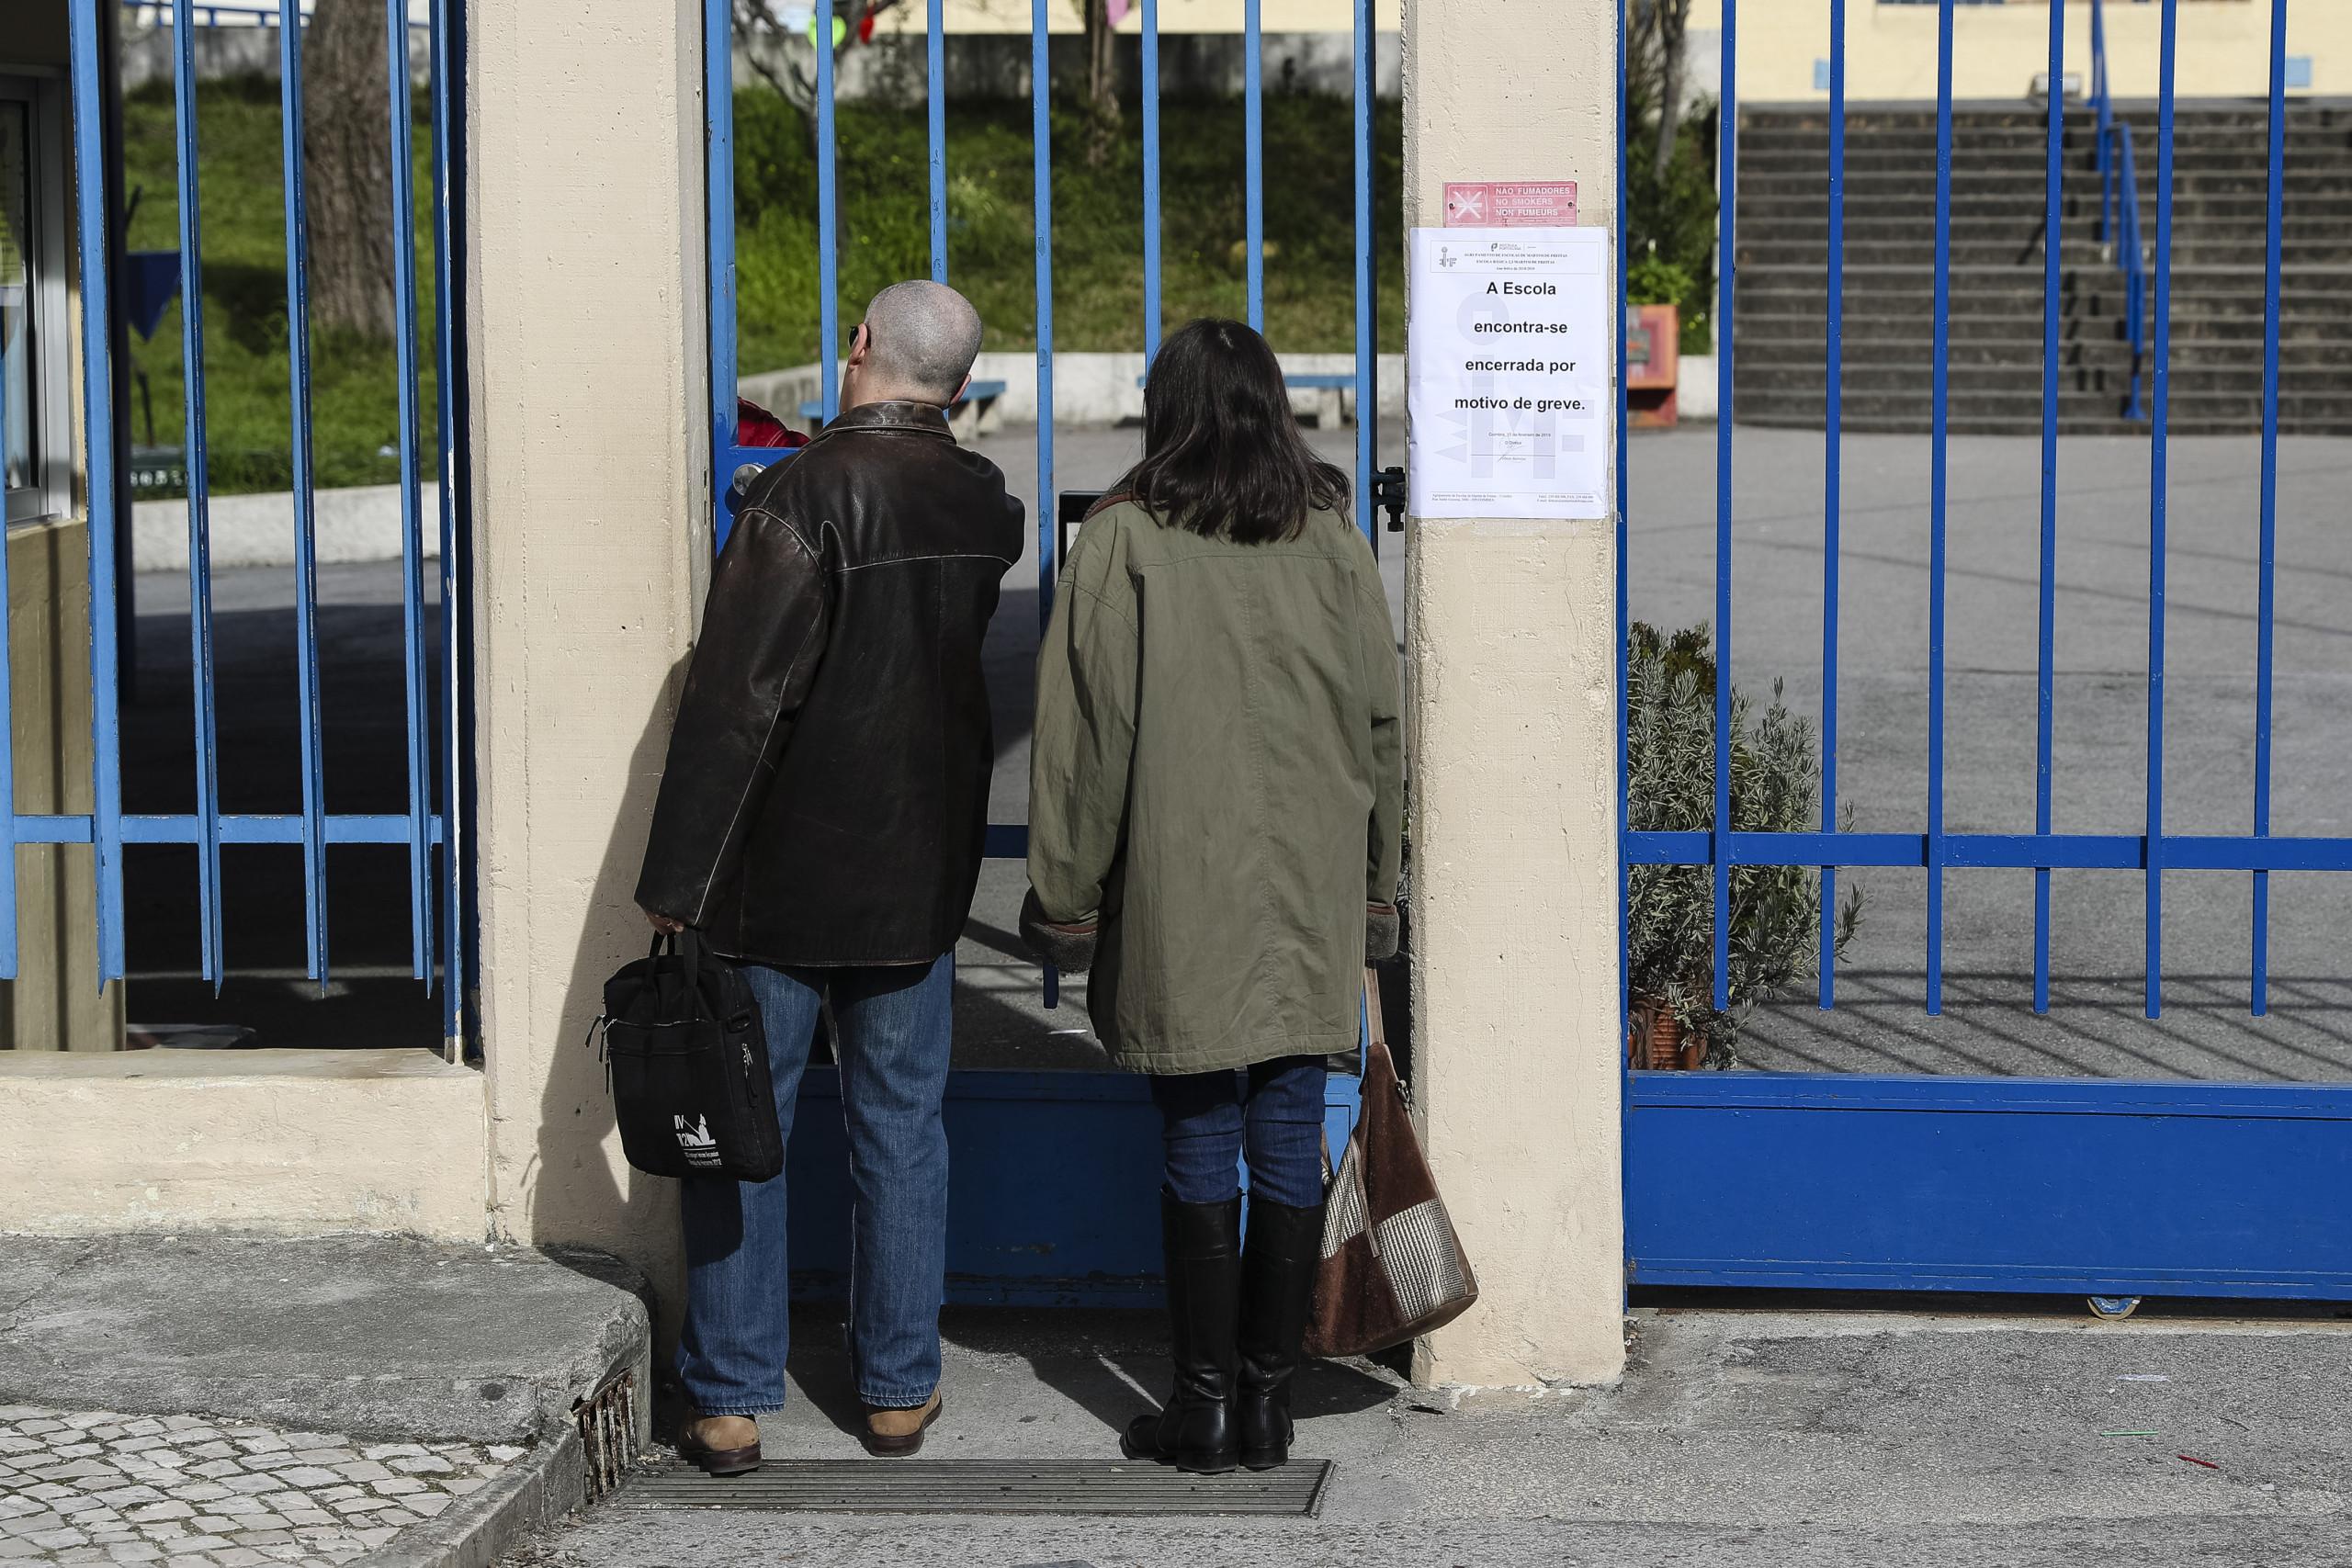 Greve da Função Pública fechou escolas, finanças, tribunais e autarquias